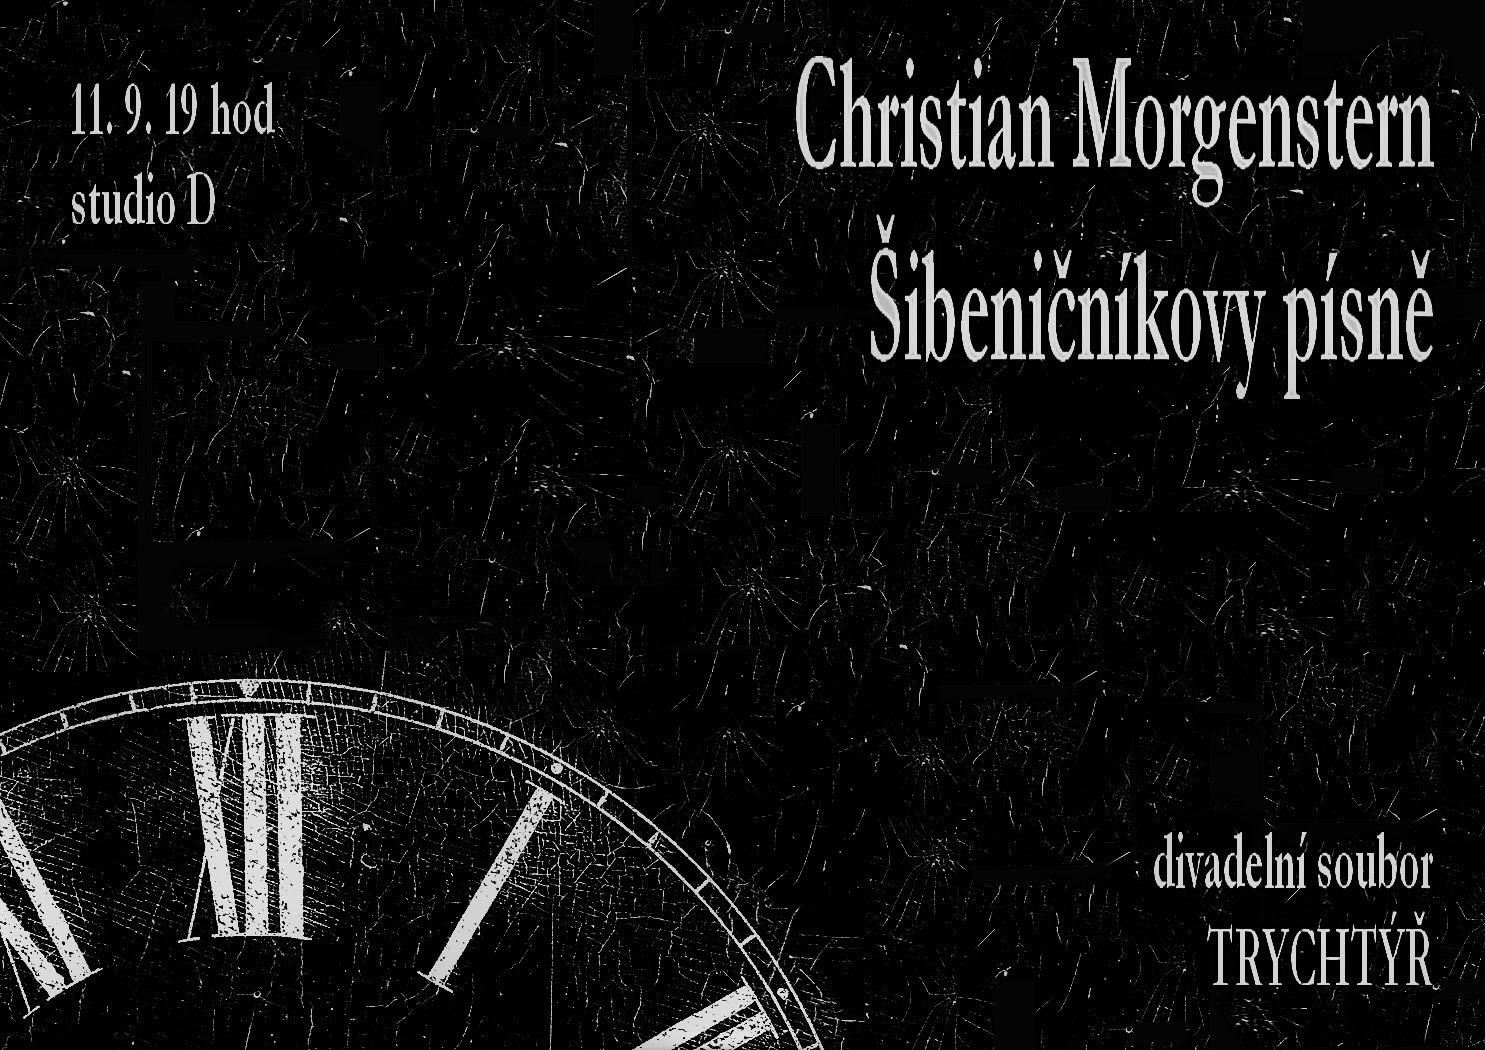 Derniéra představení Šibeničníkovy písně školního dramatického souboru Trychtýř